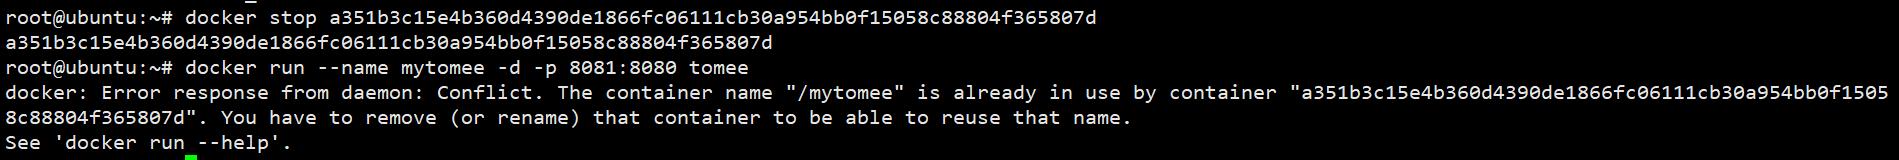 [外链图片转存失败,源站可能有防盗链机制,建议将图片保存下来直接上传(img-Ixzqf4Kk-1585103919286)(C:\Users\wys\AppData\Roaming\Typora\typora-user-images\image-20200314095443600.png)]